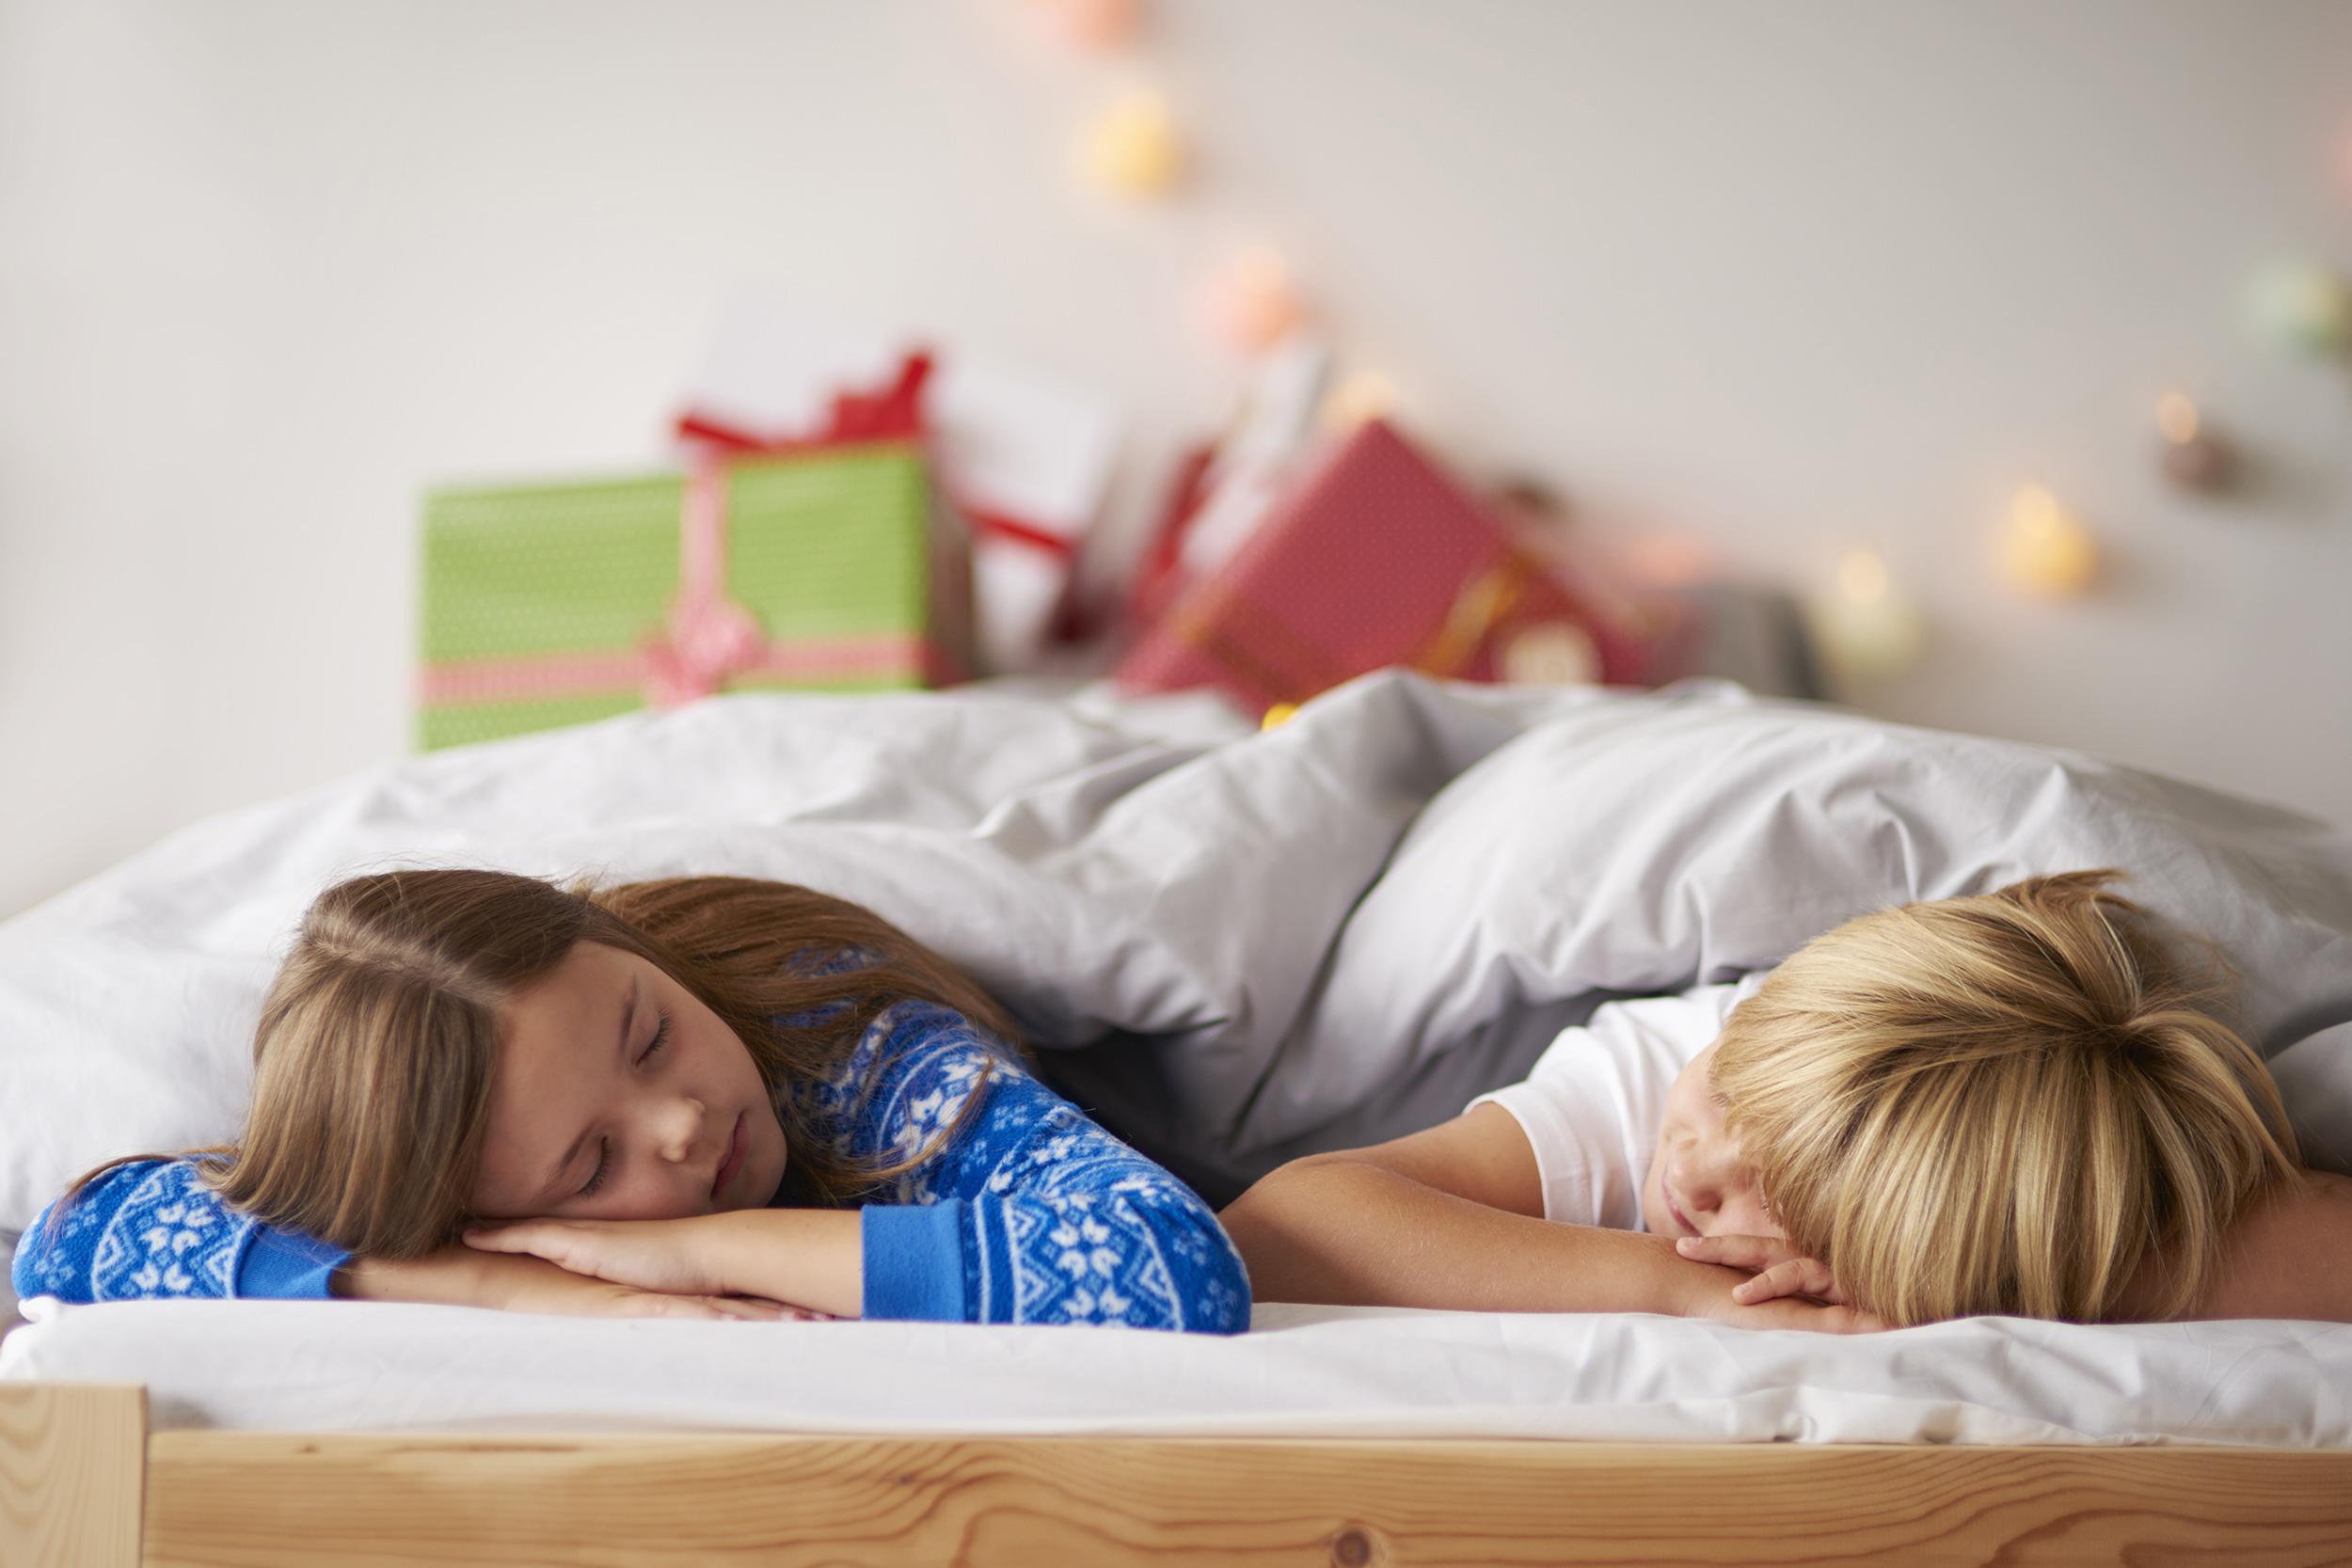 Djevojčica i dječak spavaju u krevetu, djevojčica u plavoj pidžami, dječak u bijeloj majci, pokriveni bijelim poplunom